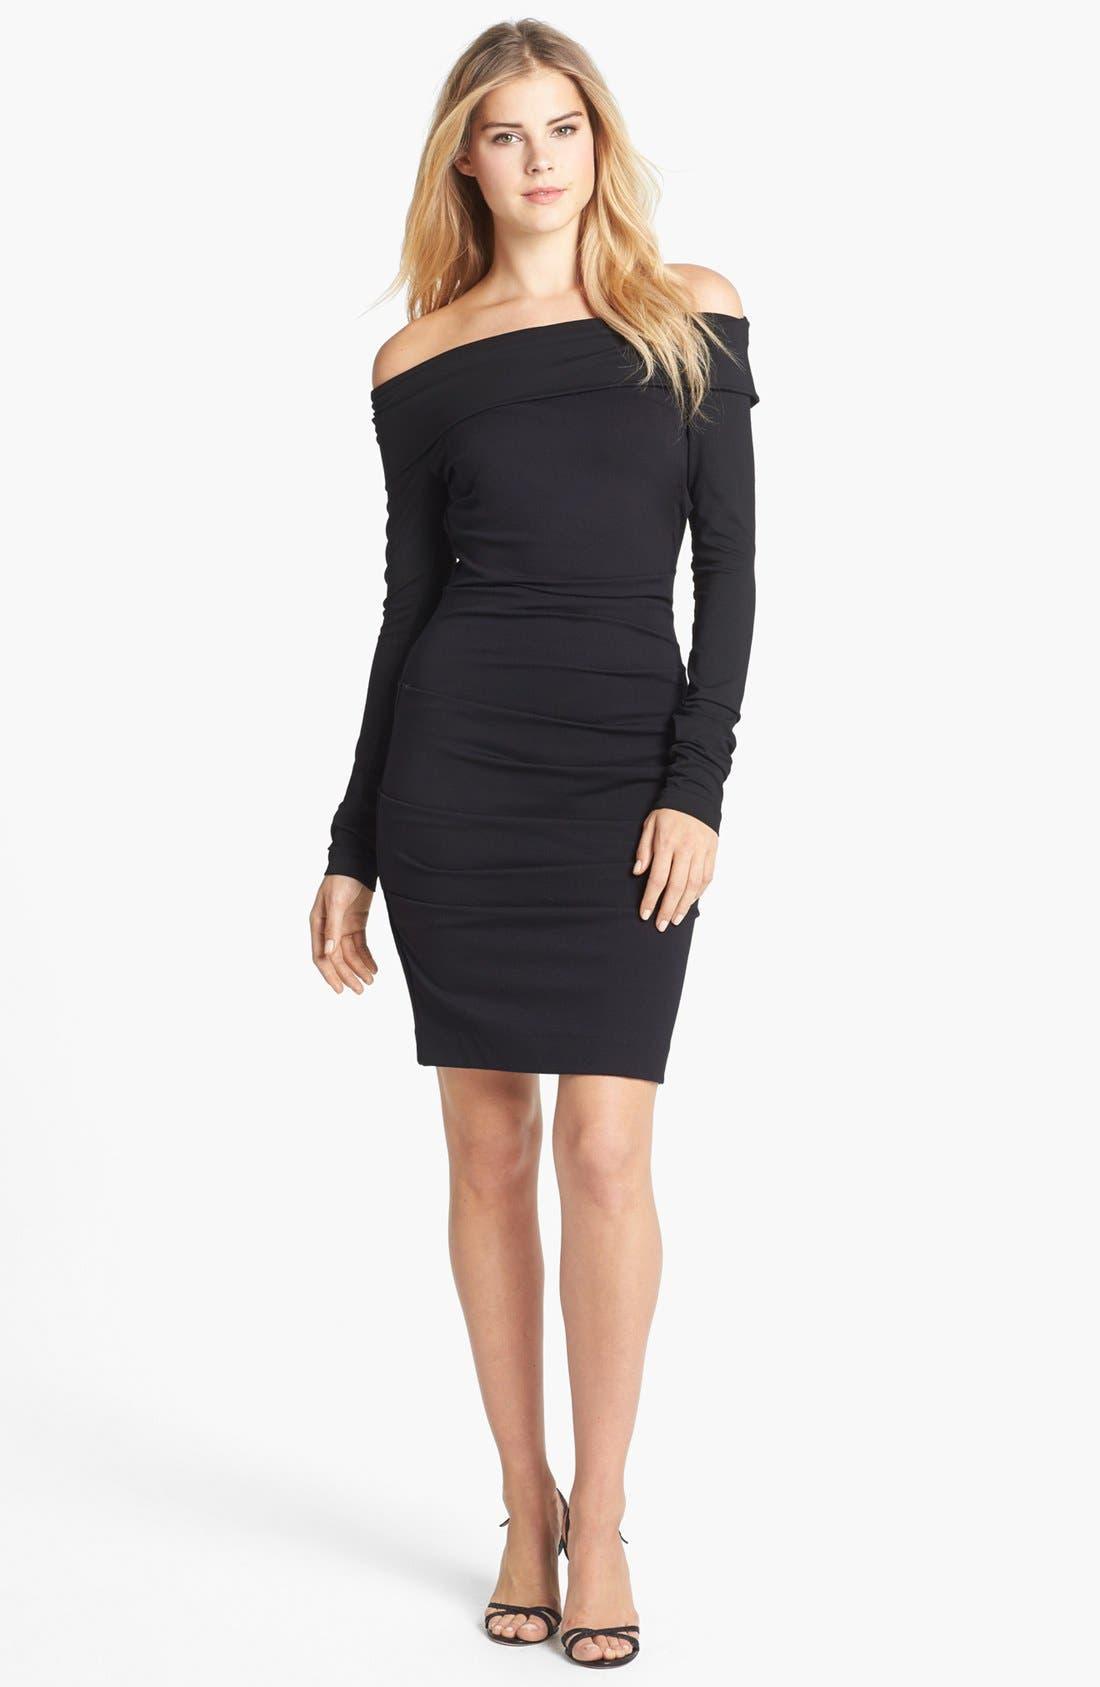 Alternate Image 1 Selected - Nicole Miller Off Shoulder Ponte Knit Sheath Dress